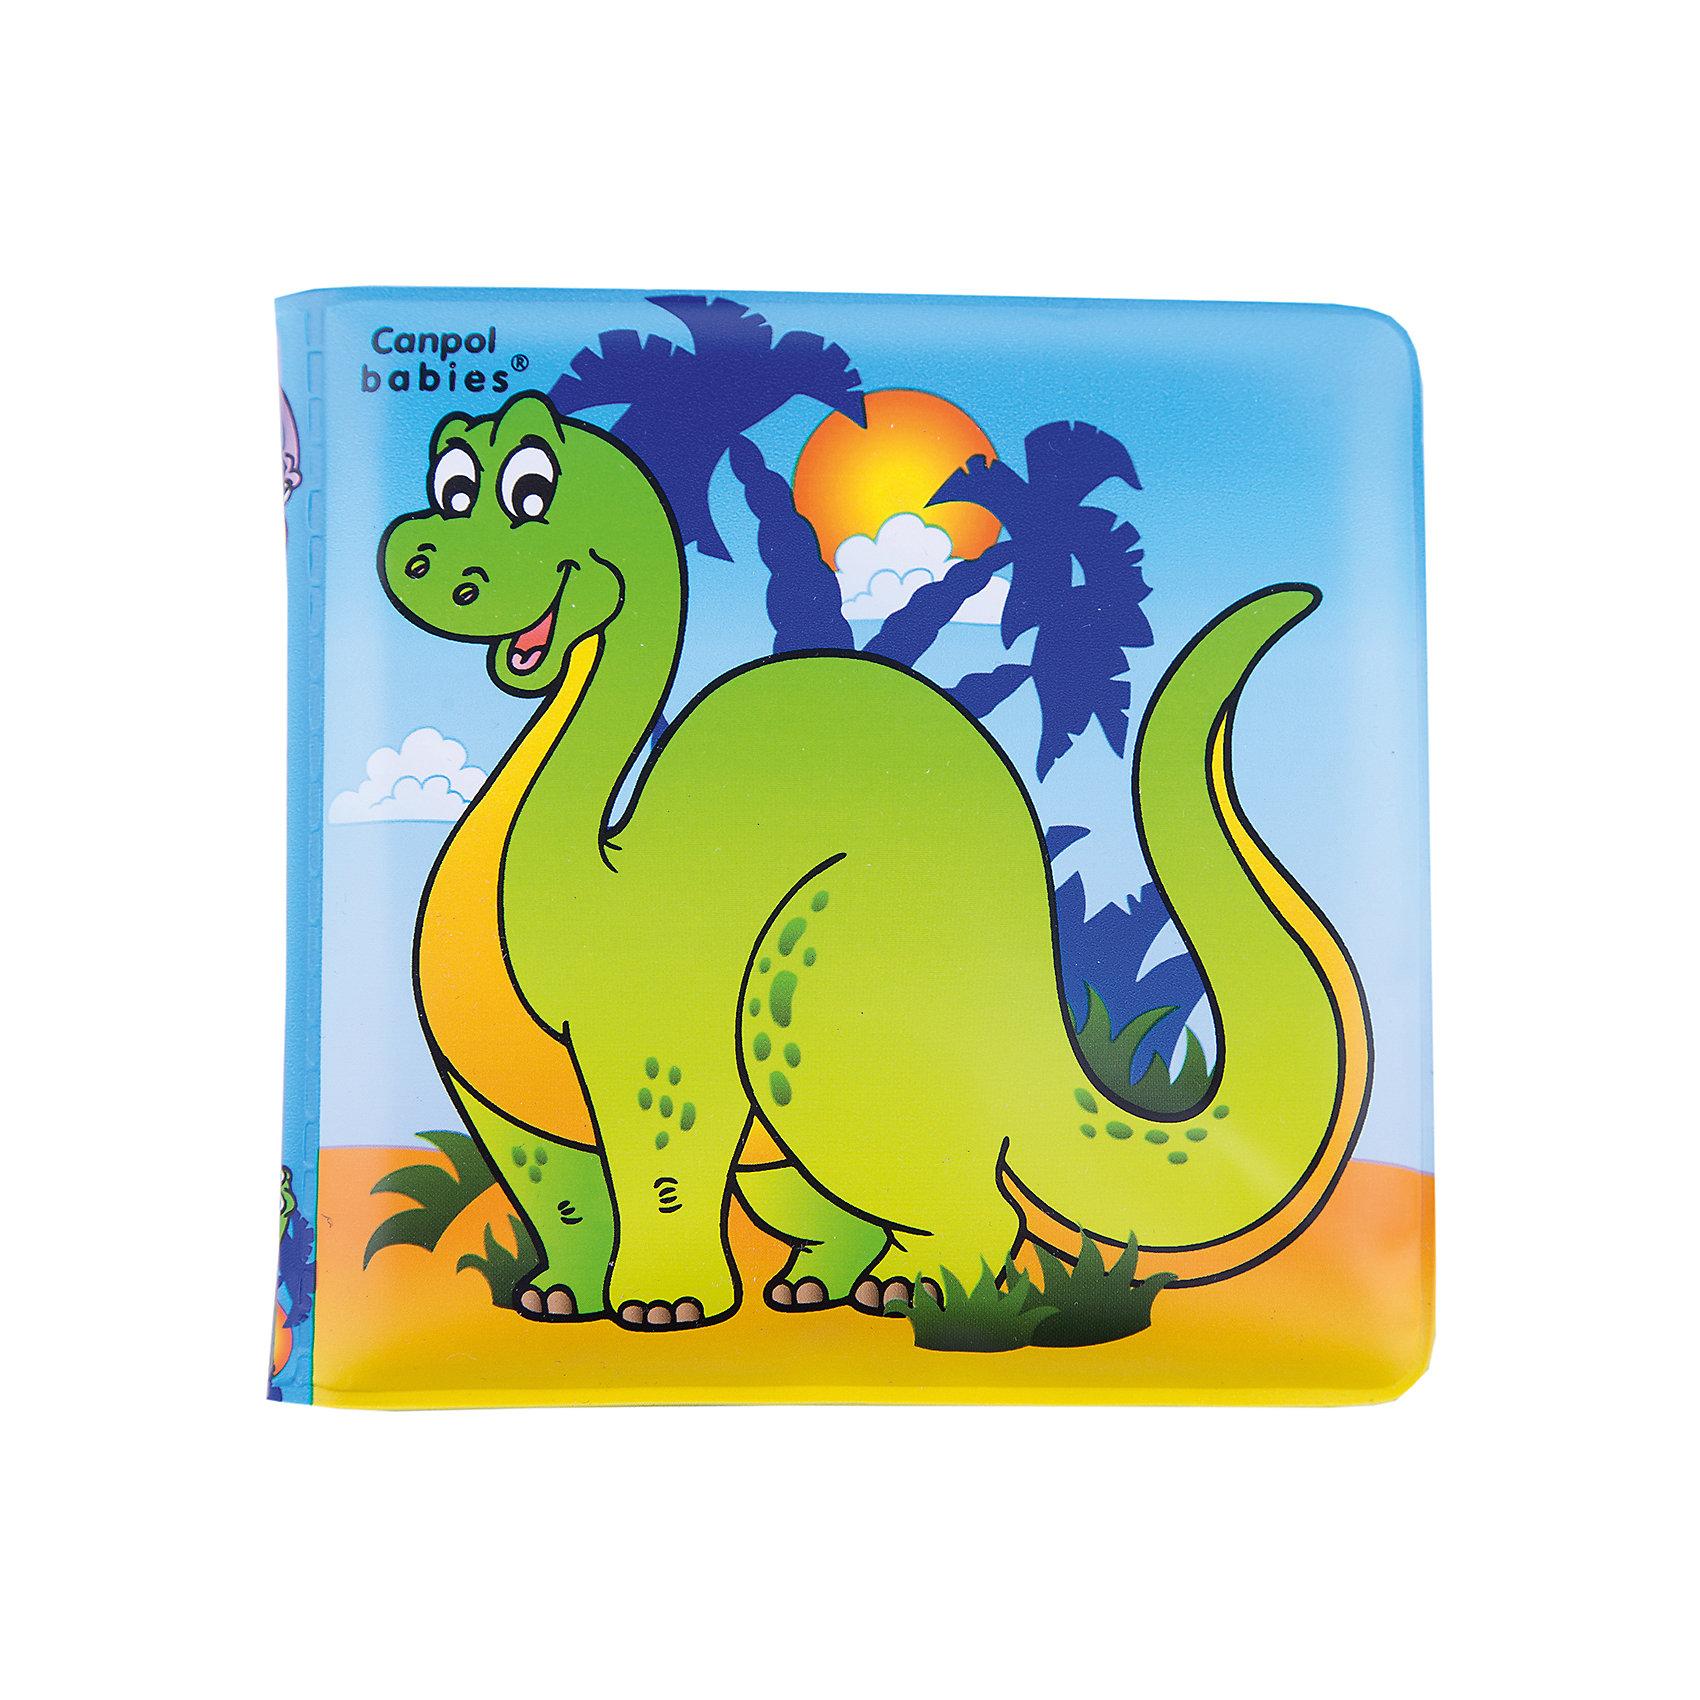 Книжка с пищалкой Динозаврик 6+, Canpol BabiesКнижки-игрушки<br>Книжка с пищалкой, 6+, Canpol Babies (Канпол Бейбис), динозаврик.<br><br>Характеристики:<br>• Материал: мягкий, нетоксичный<br>• Размер: 2см х 13х 20 см.<br>• Возраст: 6+.<br>• Цвет: красочная.<br><br>Книжка с пищалкой, 6+ - красивая книжка для малышей с 6 месяцев. Яркие рисунки заинтересуют ребенка, а звук пищалки дополнительно привлечет внимание. Ребенок с любопытством будет рассматривать цветные картинки, представляющие разные объекты. Данная книжечка иллюстрирована картинками с динозавриком. Играя и рассматривая книжечку,  малыш развивает цветовое восприятие и координацию движений. Книжка изготовлена из безопасных, нетоксичных материалов, ее легко содержать в чистоте и даже можно брать ее с собой в ванну.<br><br>Книжку с пищалкой, 6+, Canpol Babies (Канпол Бейбис), динозаврик можно купить в нашем интернет – магазине.<br><br>Ширина мм: 137<br>Глубина мм: 20<br>Высота мм: 220<br>Вес г: 300<br>Возраст от месяцев: 6<br>Возраст до месяцев: 36<br>Пол: Унисекс<br>Возраст: Детский<br>SKU: 5156828